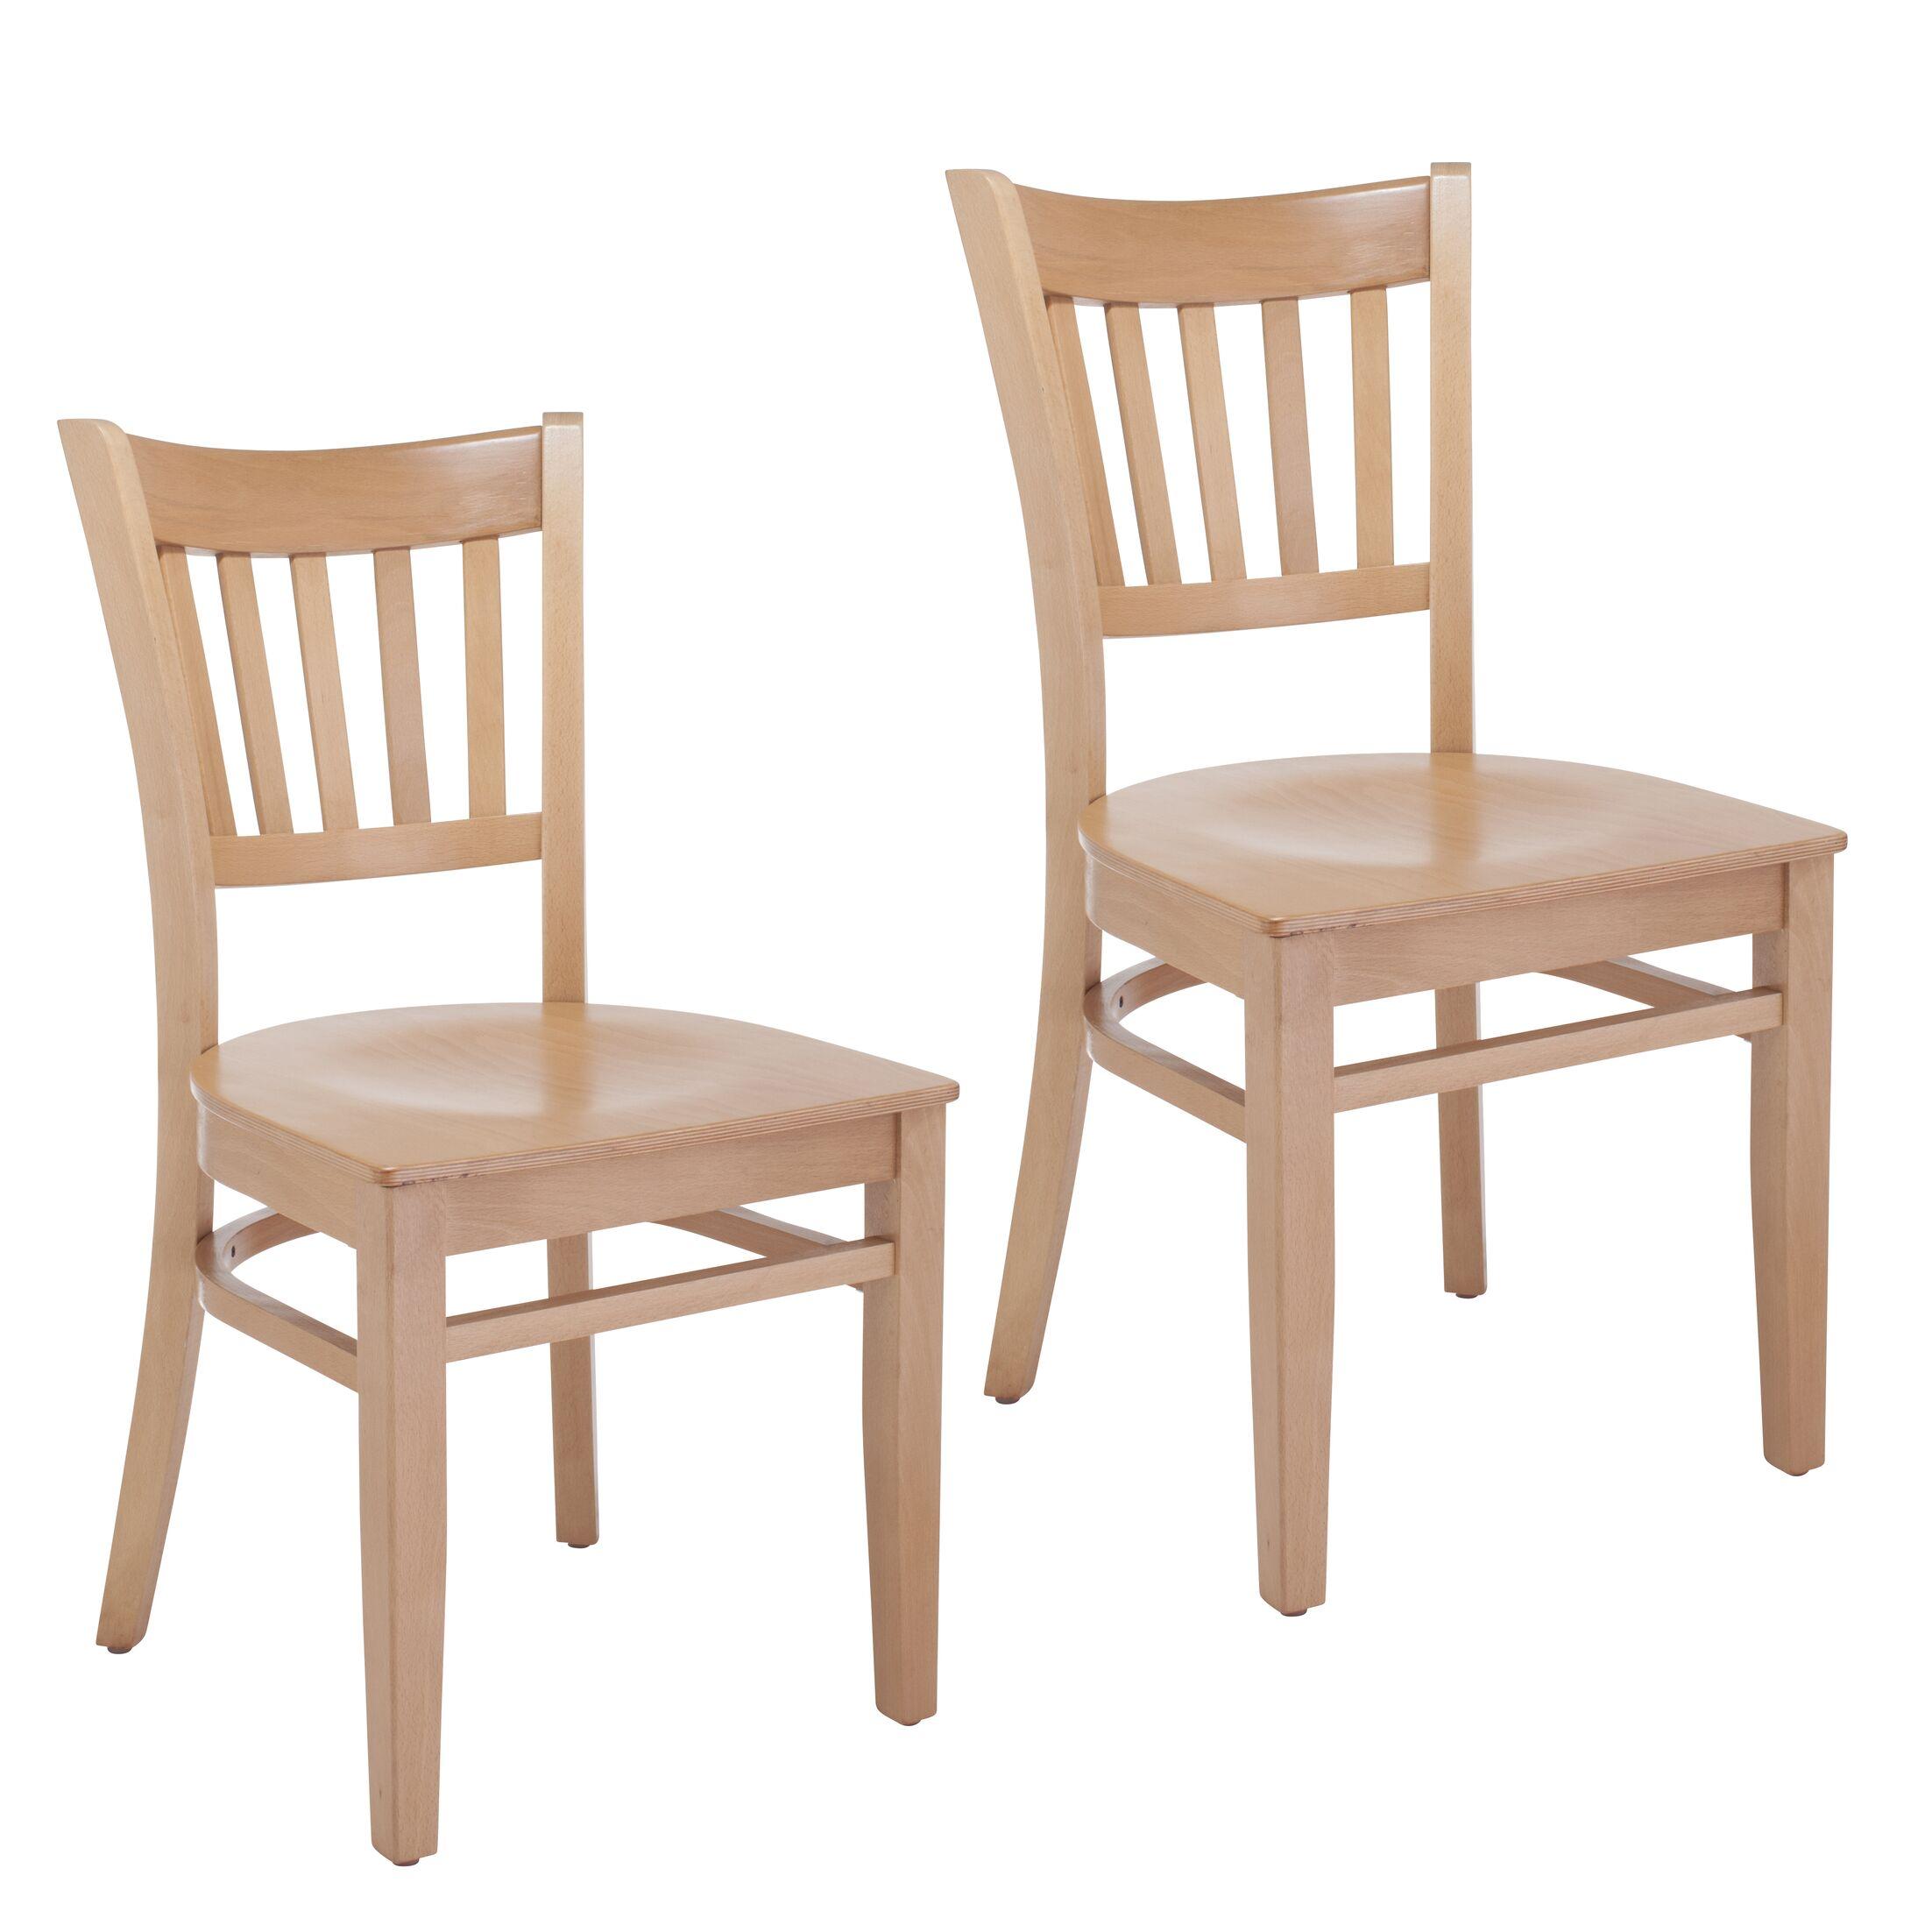 Jeske Slatback Solid Wood Dining Chair Finish: Natural